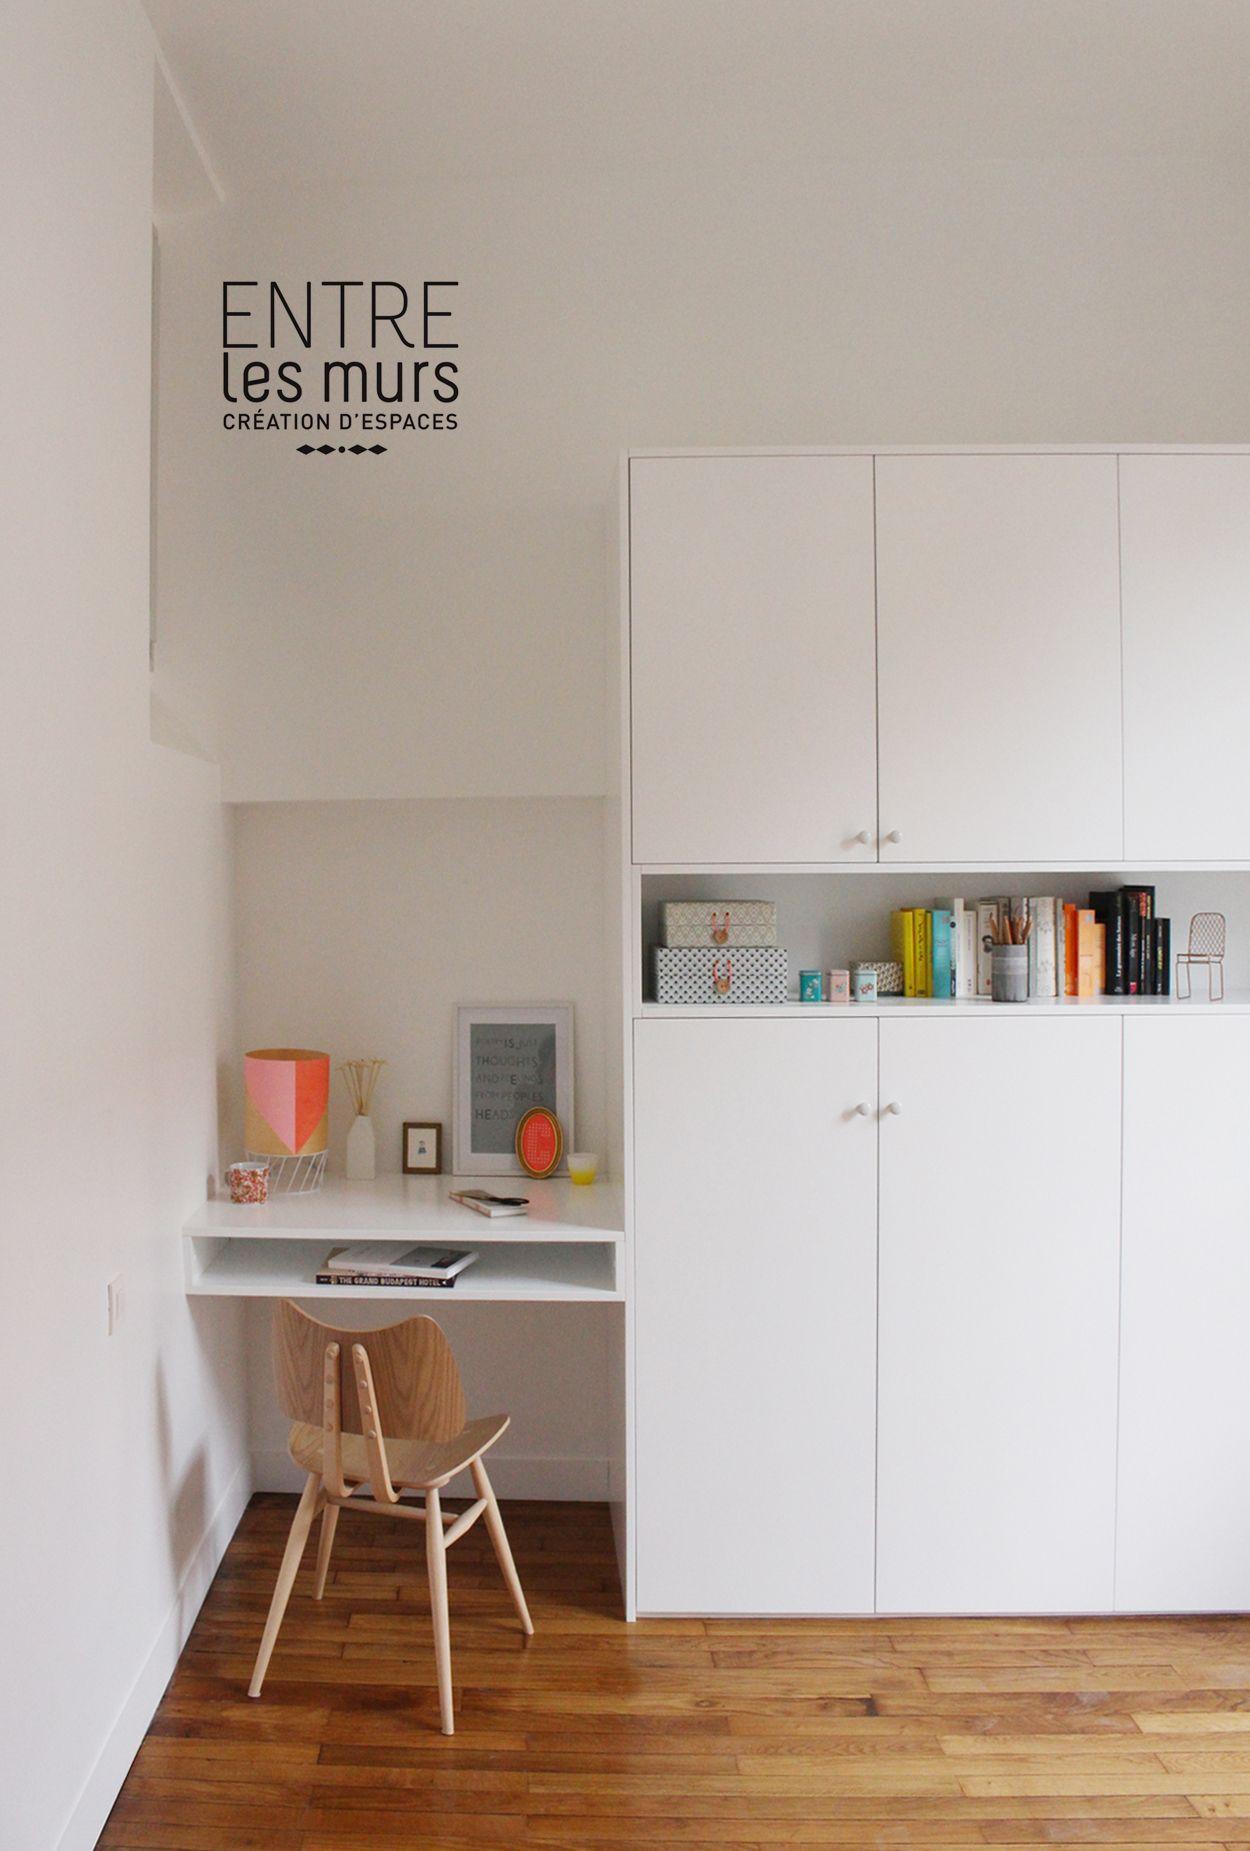 Agencement Sur Mesure Bureau Et Rangement D Un Petit Espace Chambre Petit Espace Mobilier De Salon Bureau